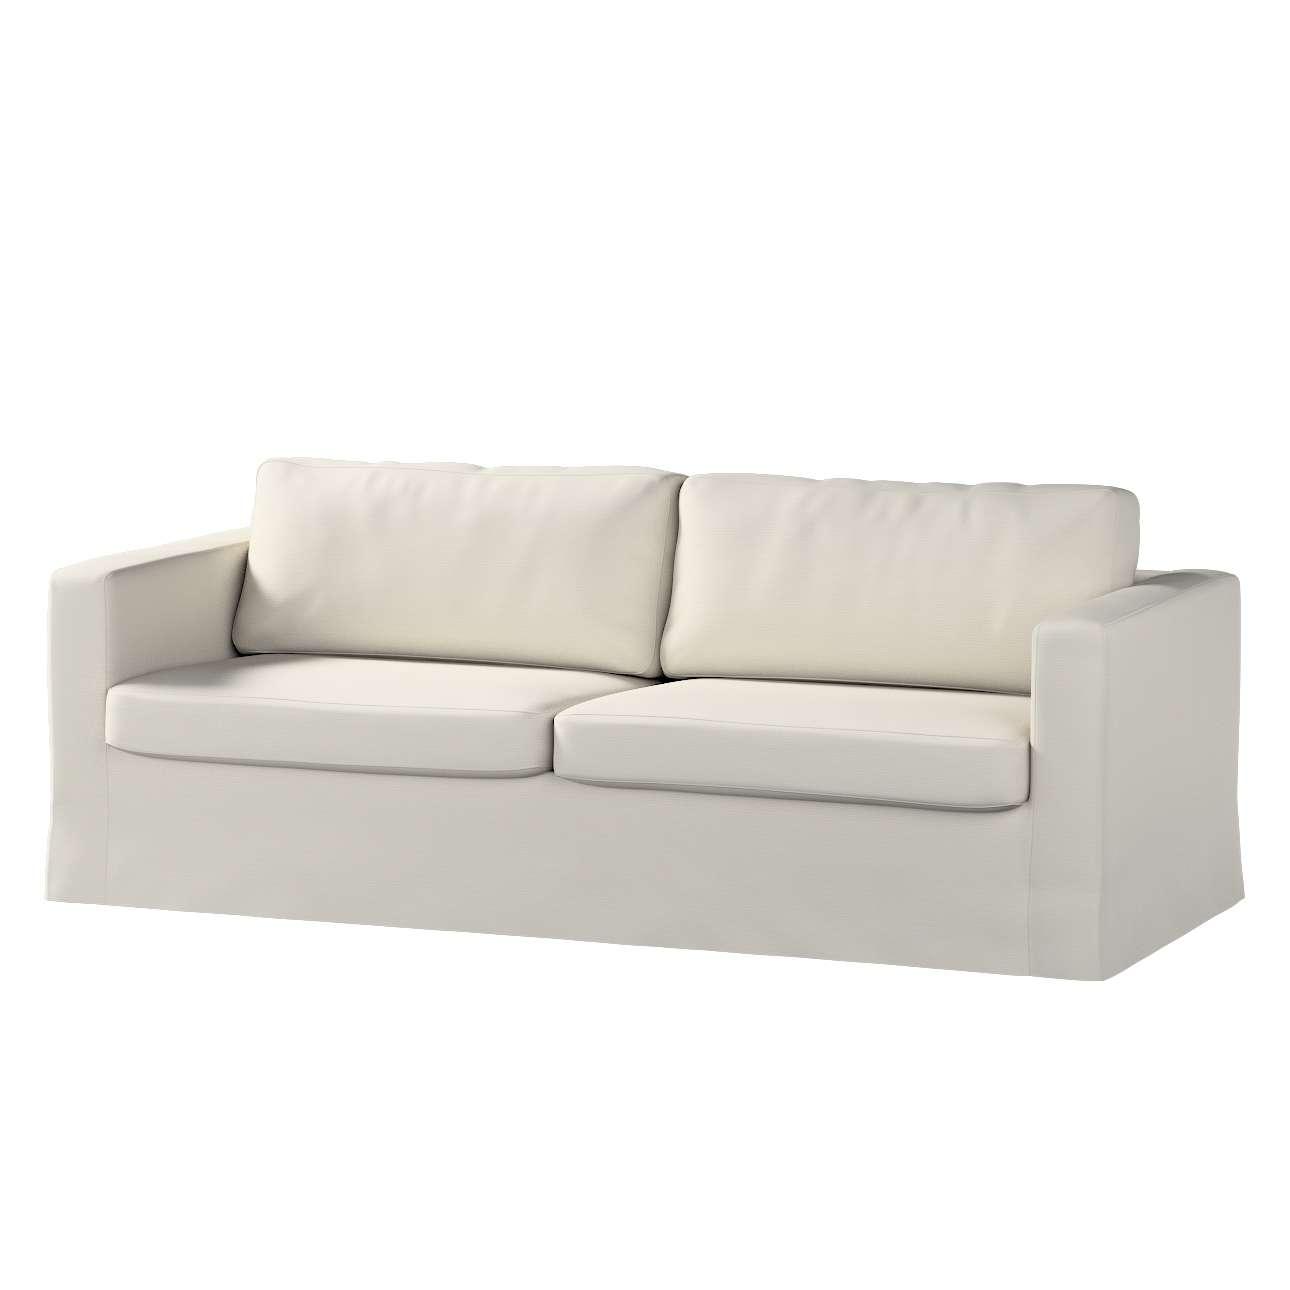 Pokrowiec na sofę Karlstad 3-osobową nierozkładaną, długi Sofa Karlstad 3-osobowa w kolekcji Cotton Panama, tkanina: 702-31